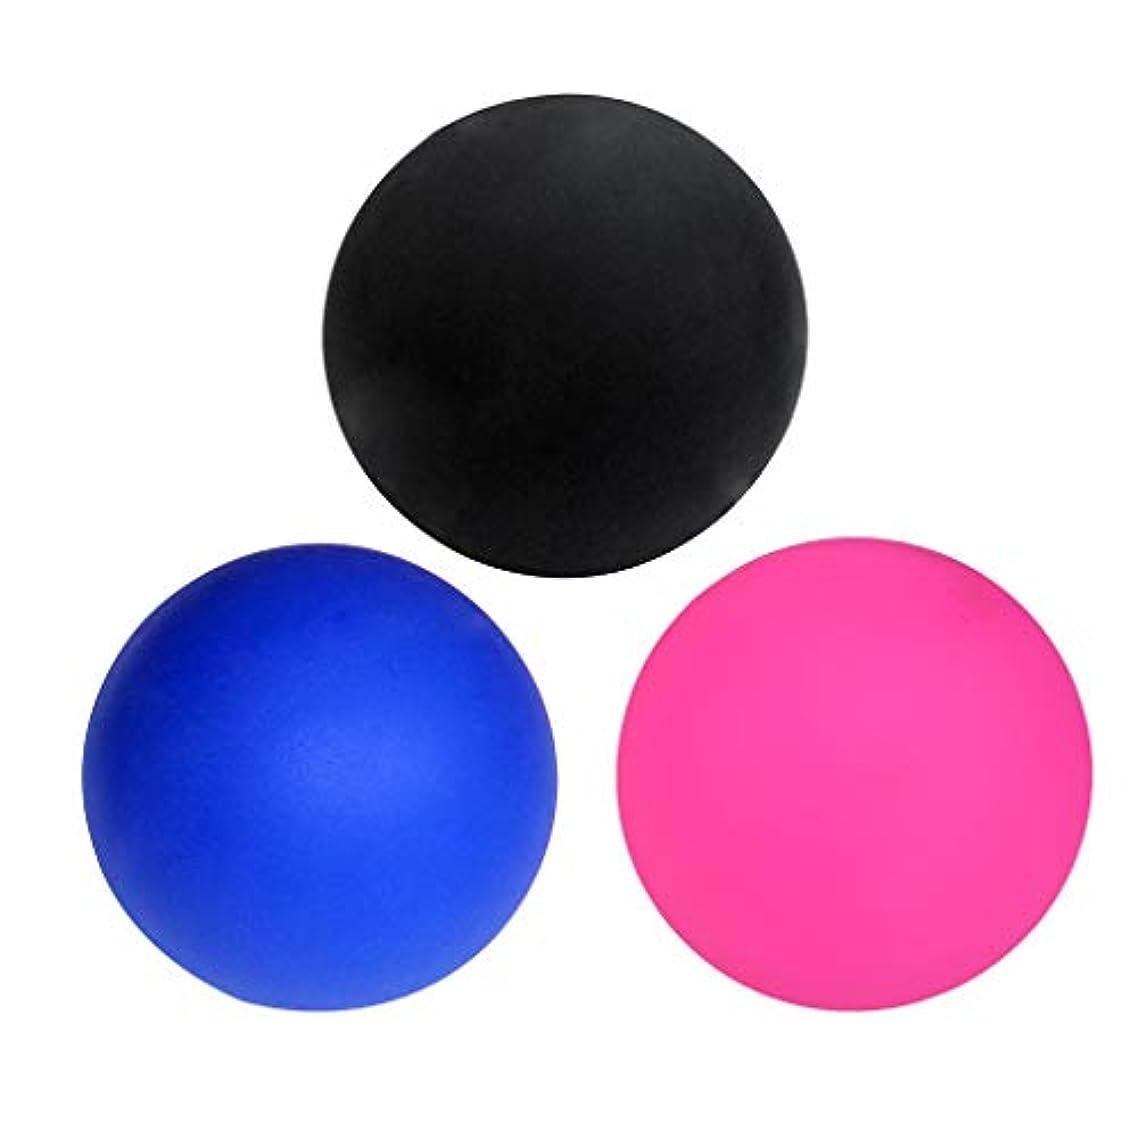 近傍さようなら黄ばむdailymall マッサージボール ラクロスボール トリガーポイント 筋膜リリース トレーニング ツボ押しグッズ 3個入